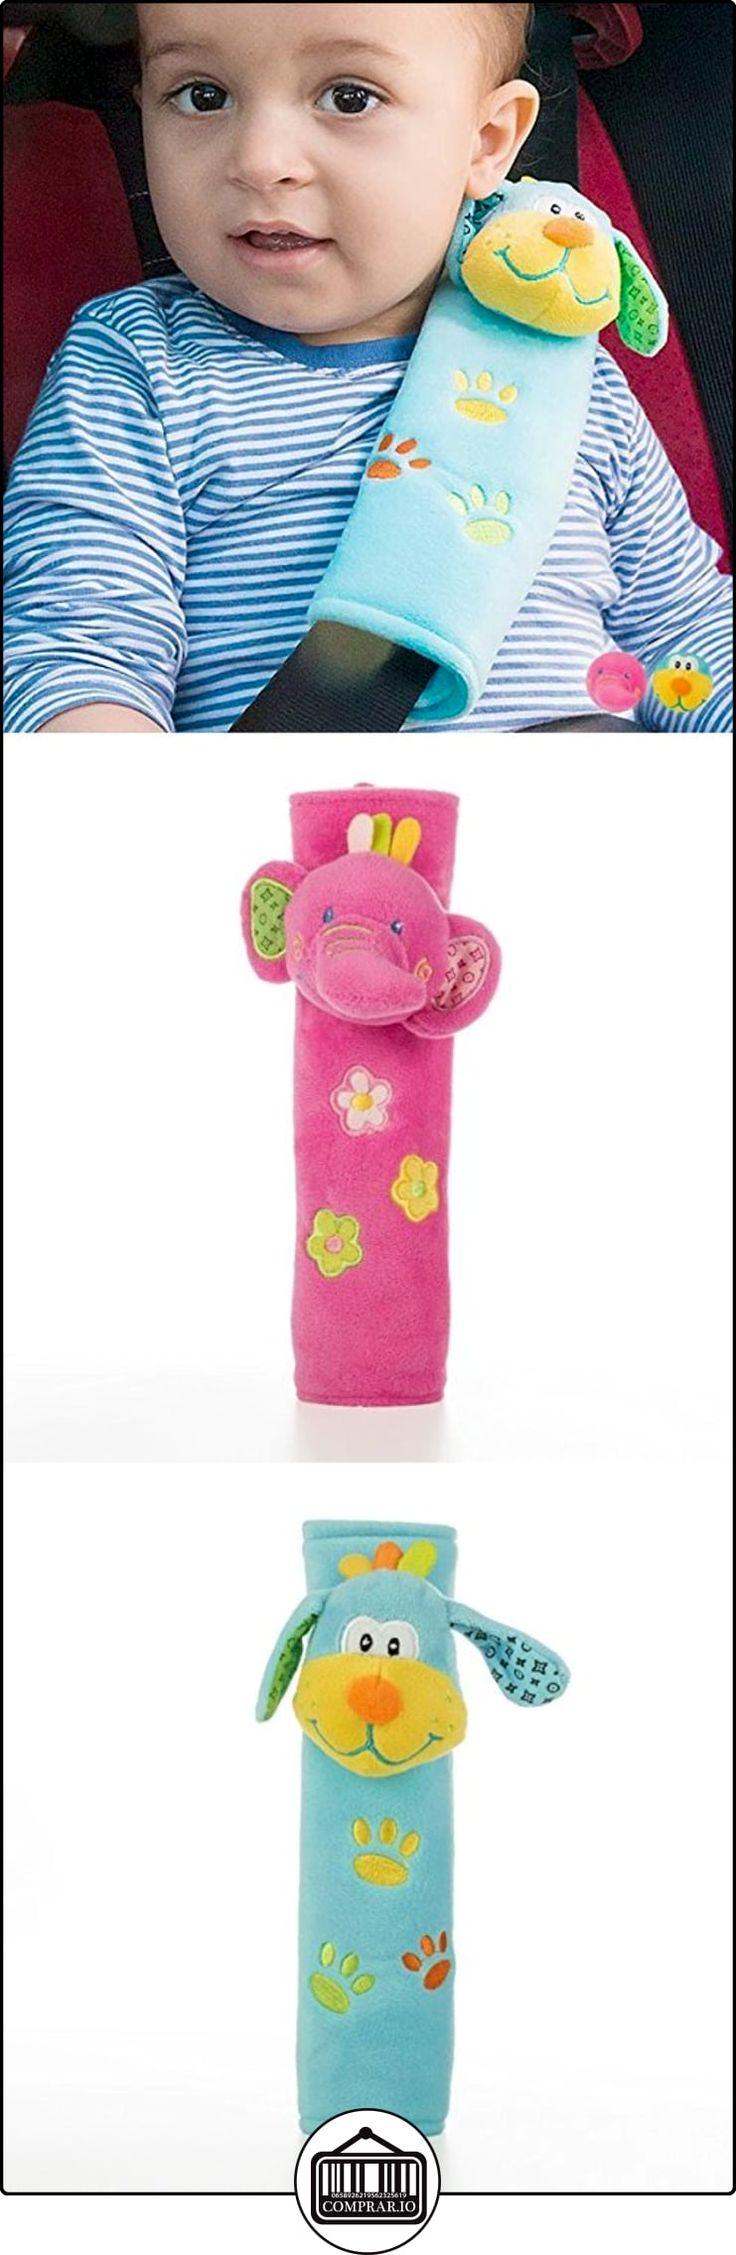 Almohadilla Protectora para Cinturón de Seguridad  ✿ Seguridad para tu bebé - (Protege a tus hijos) ✿ ▬► Ver oferta: http://comprar.io/goto/B01H743JS6